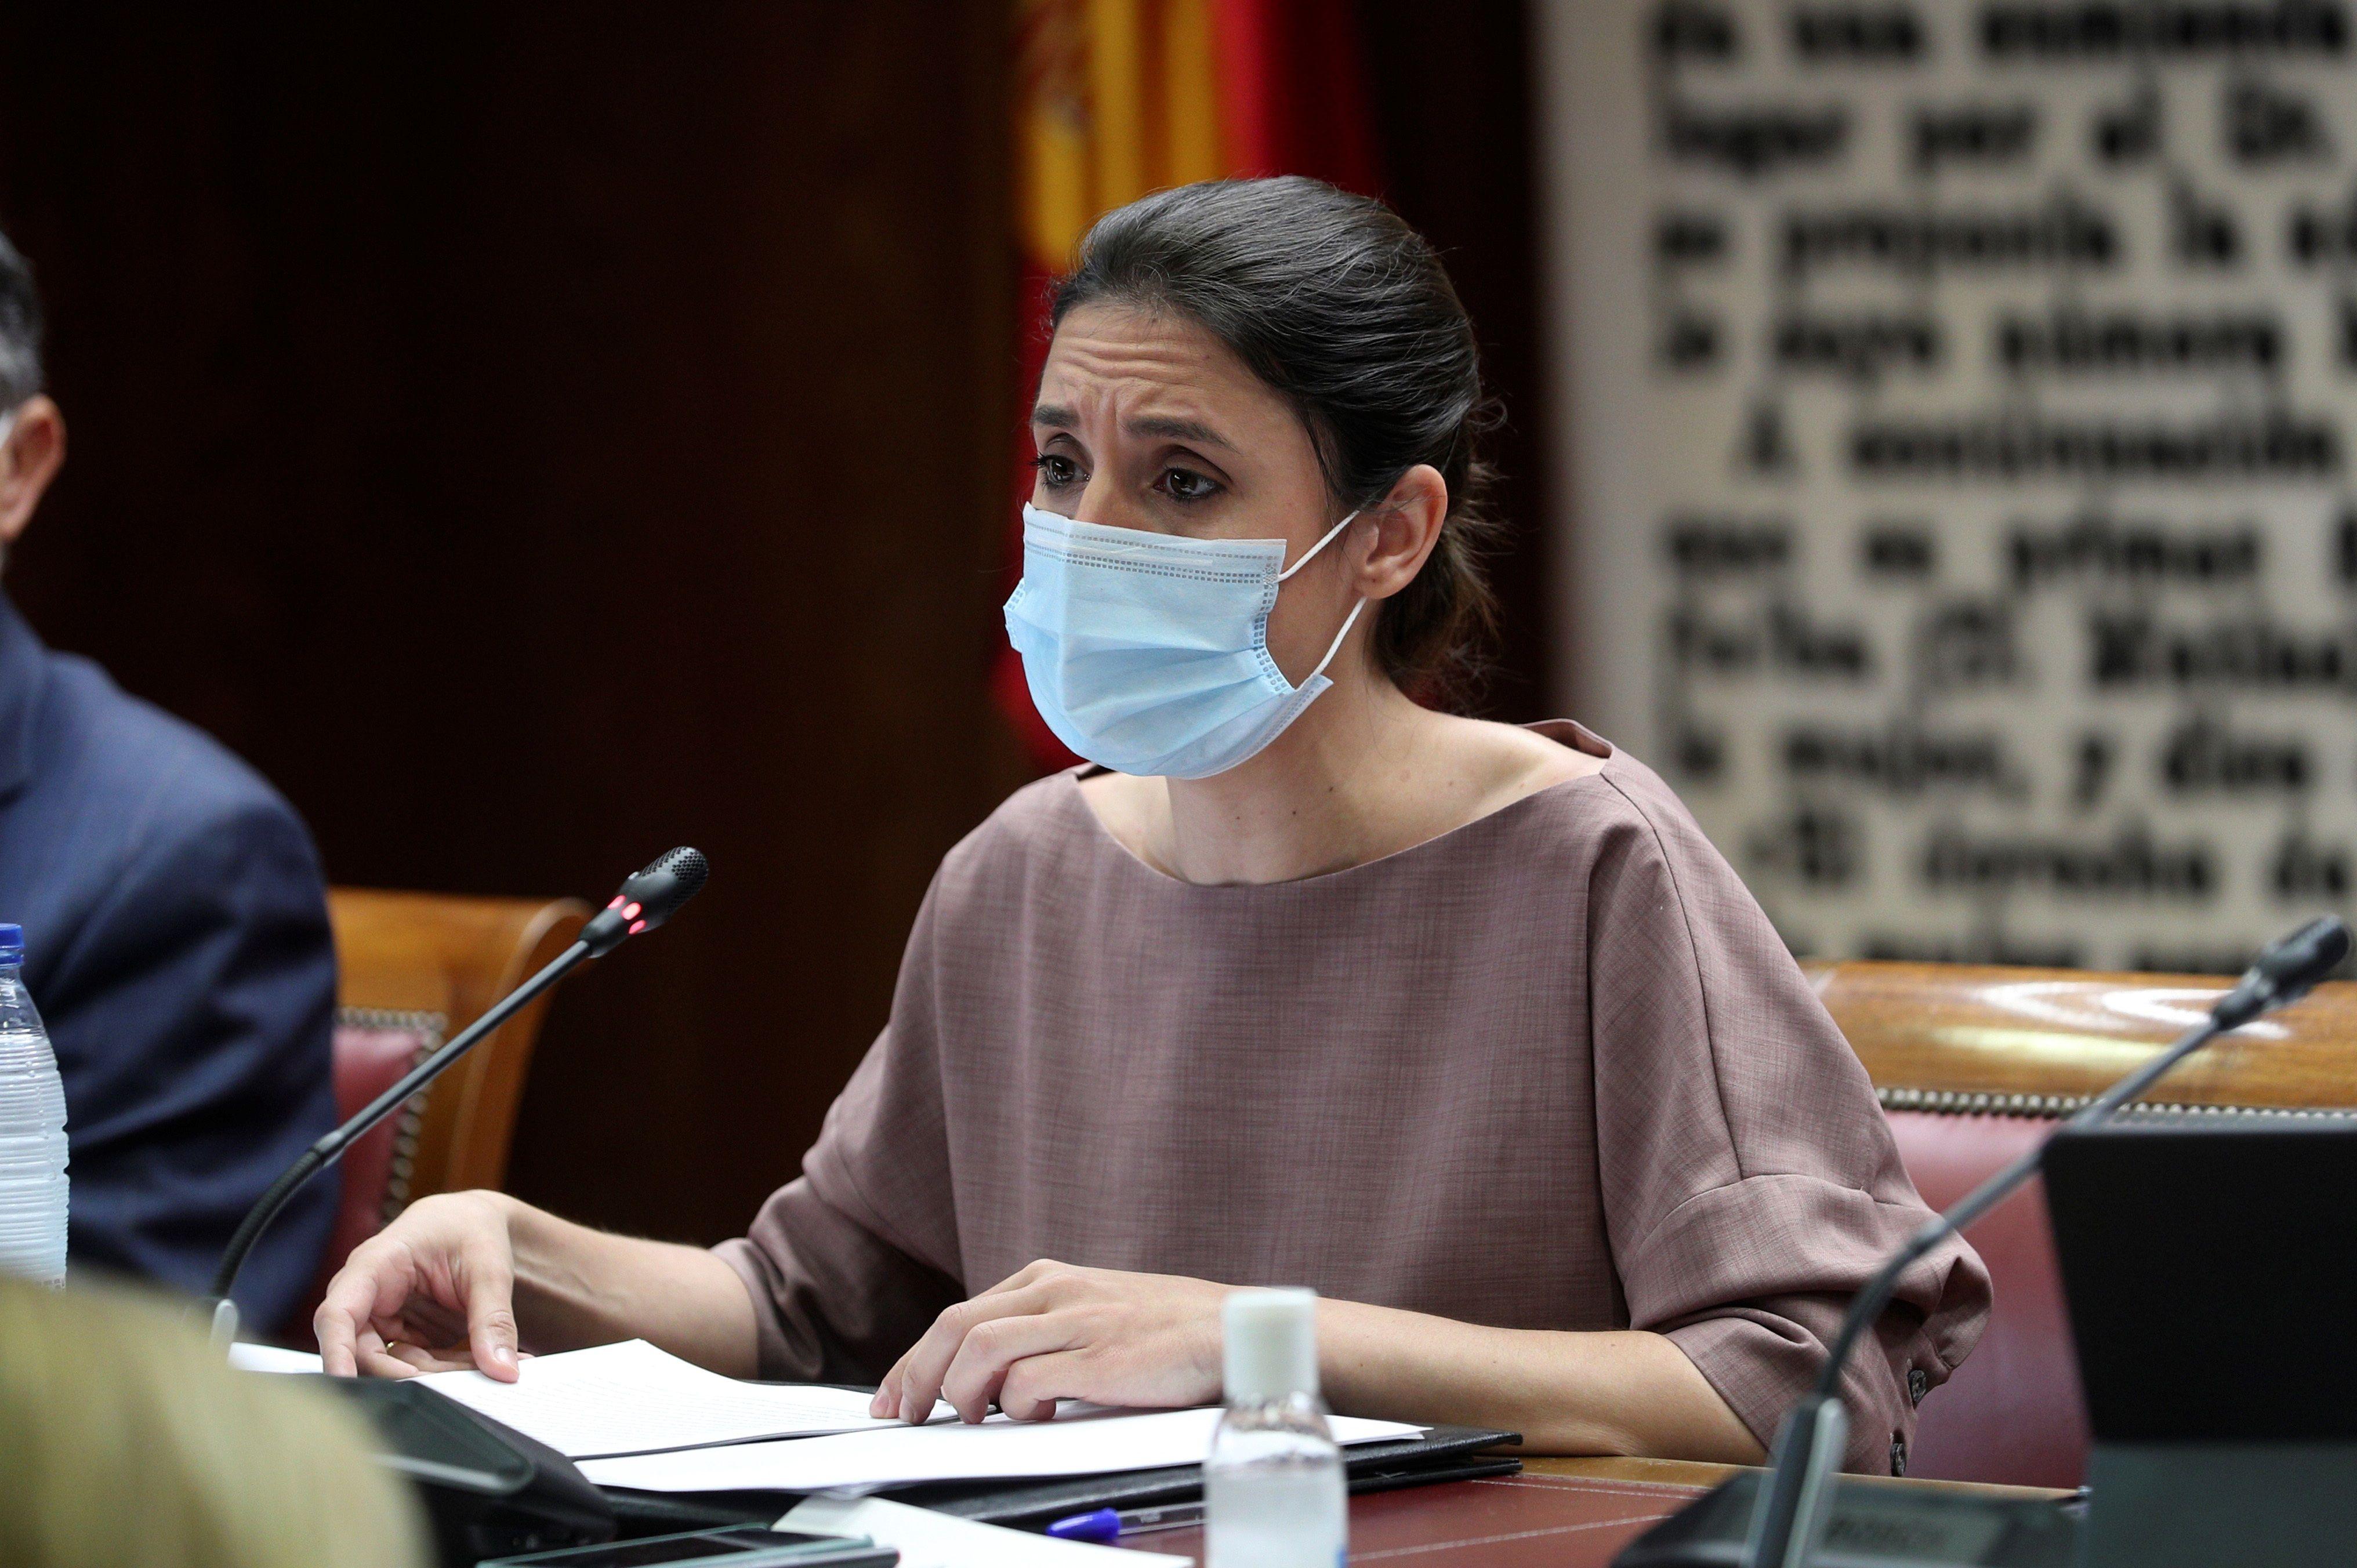 La ministra de Igualdad, Irene Montero, en una imagen reciente.